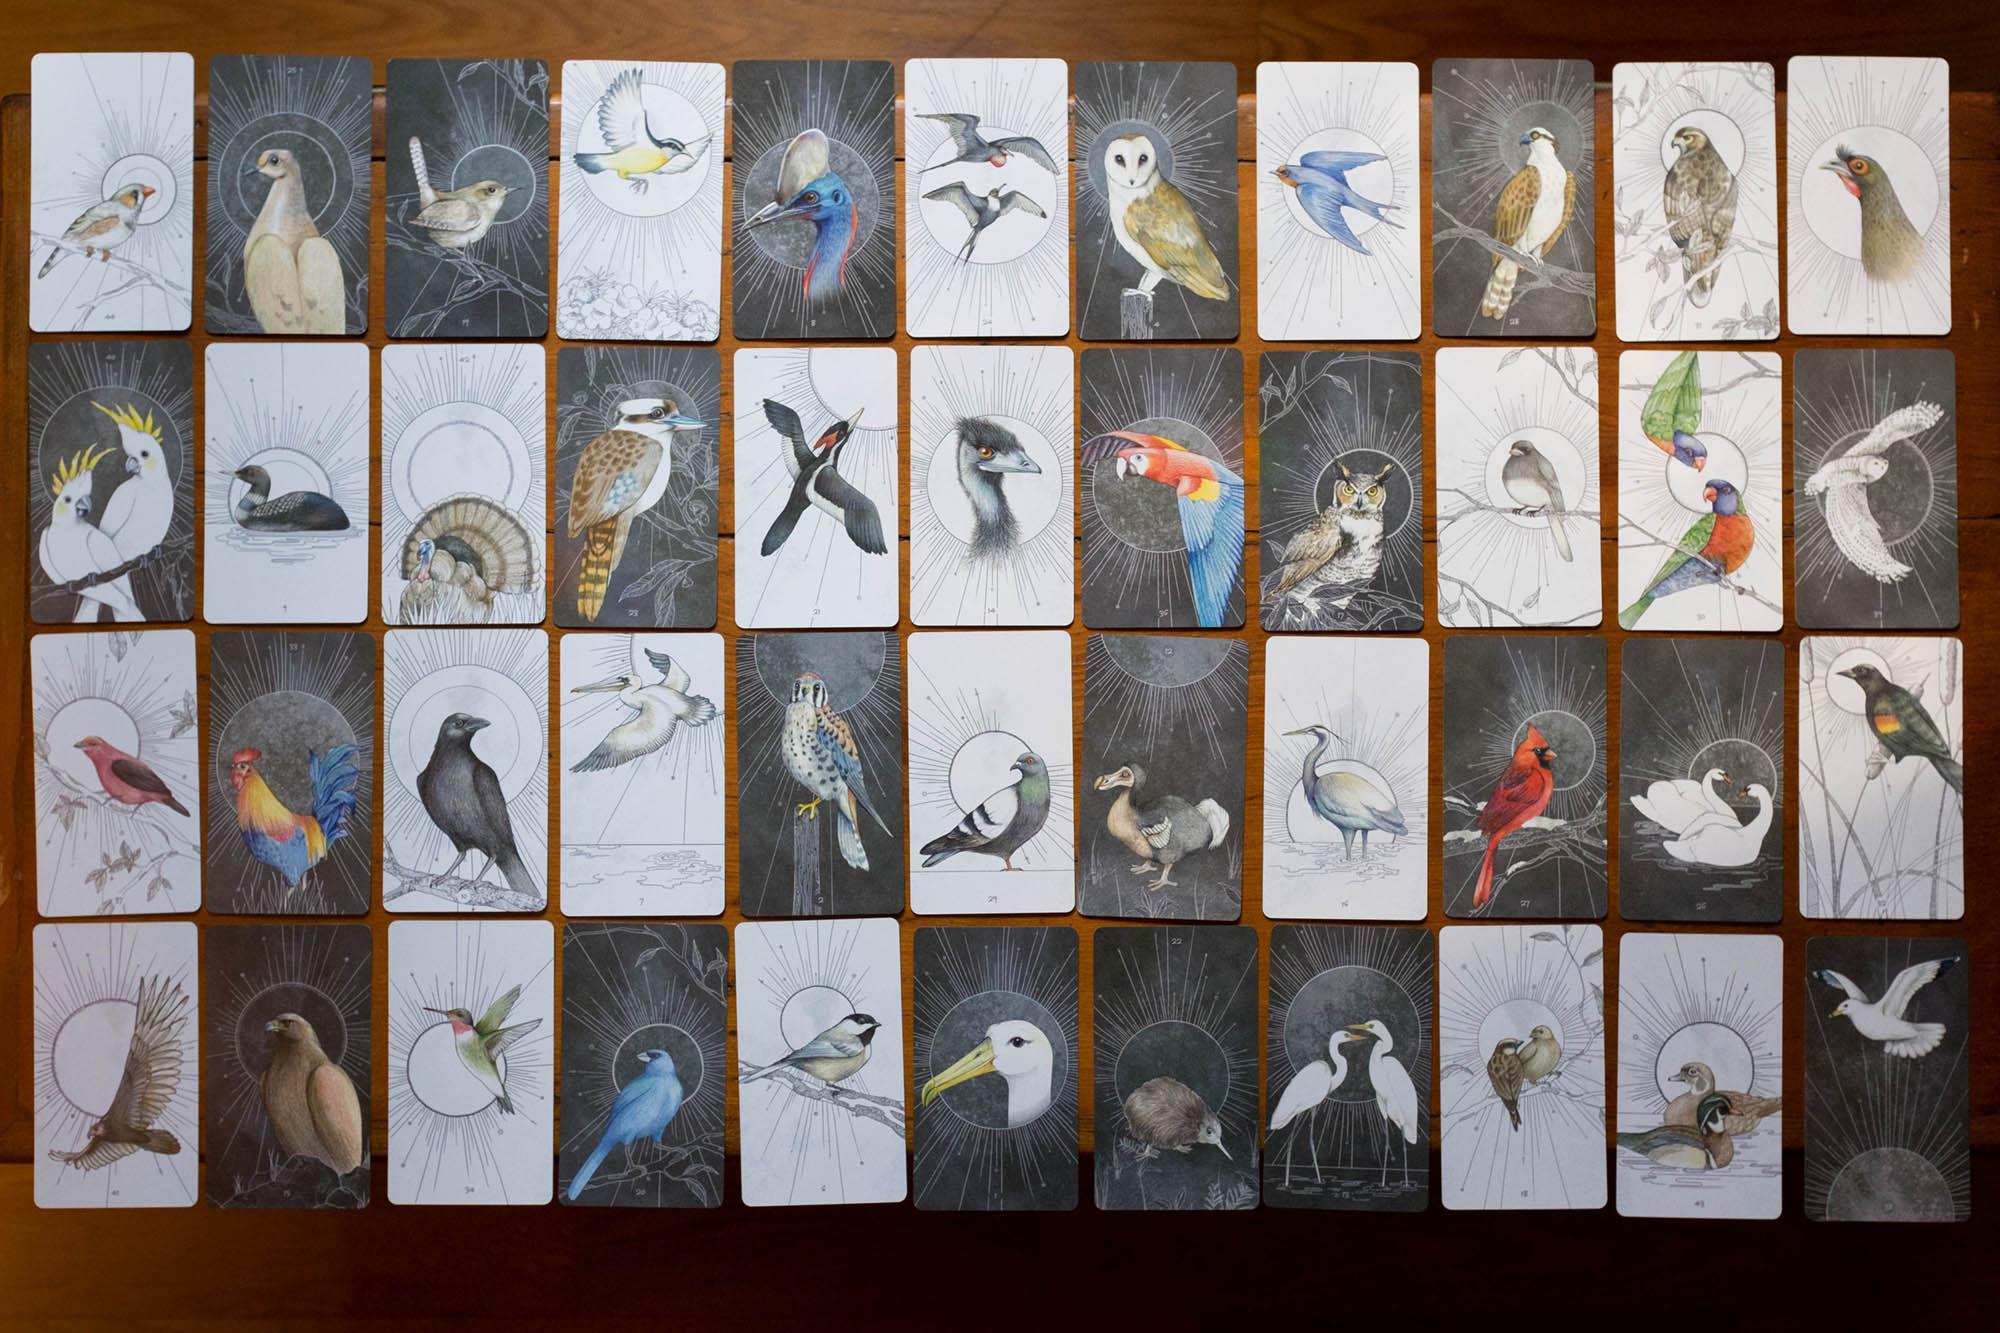 jbs-BirdsOracleDeck_24.jpg